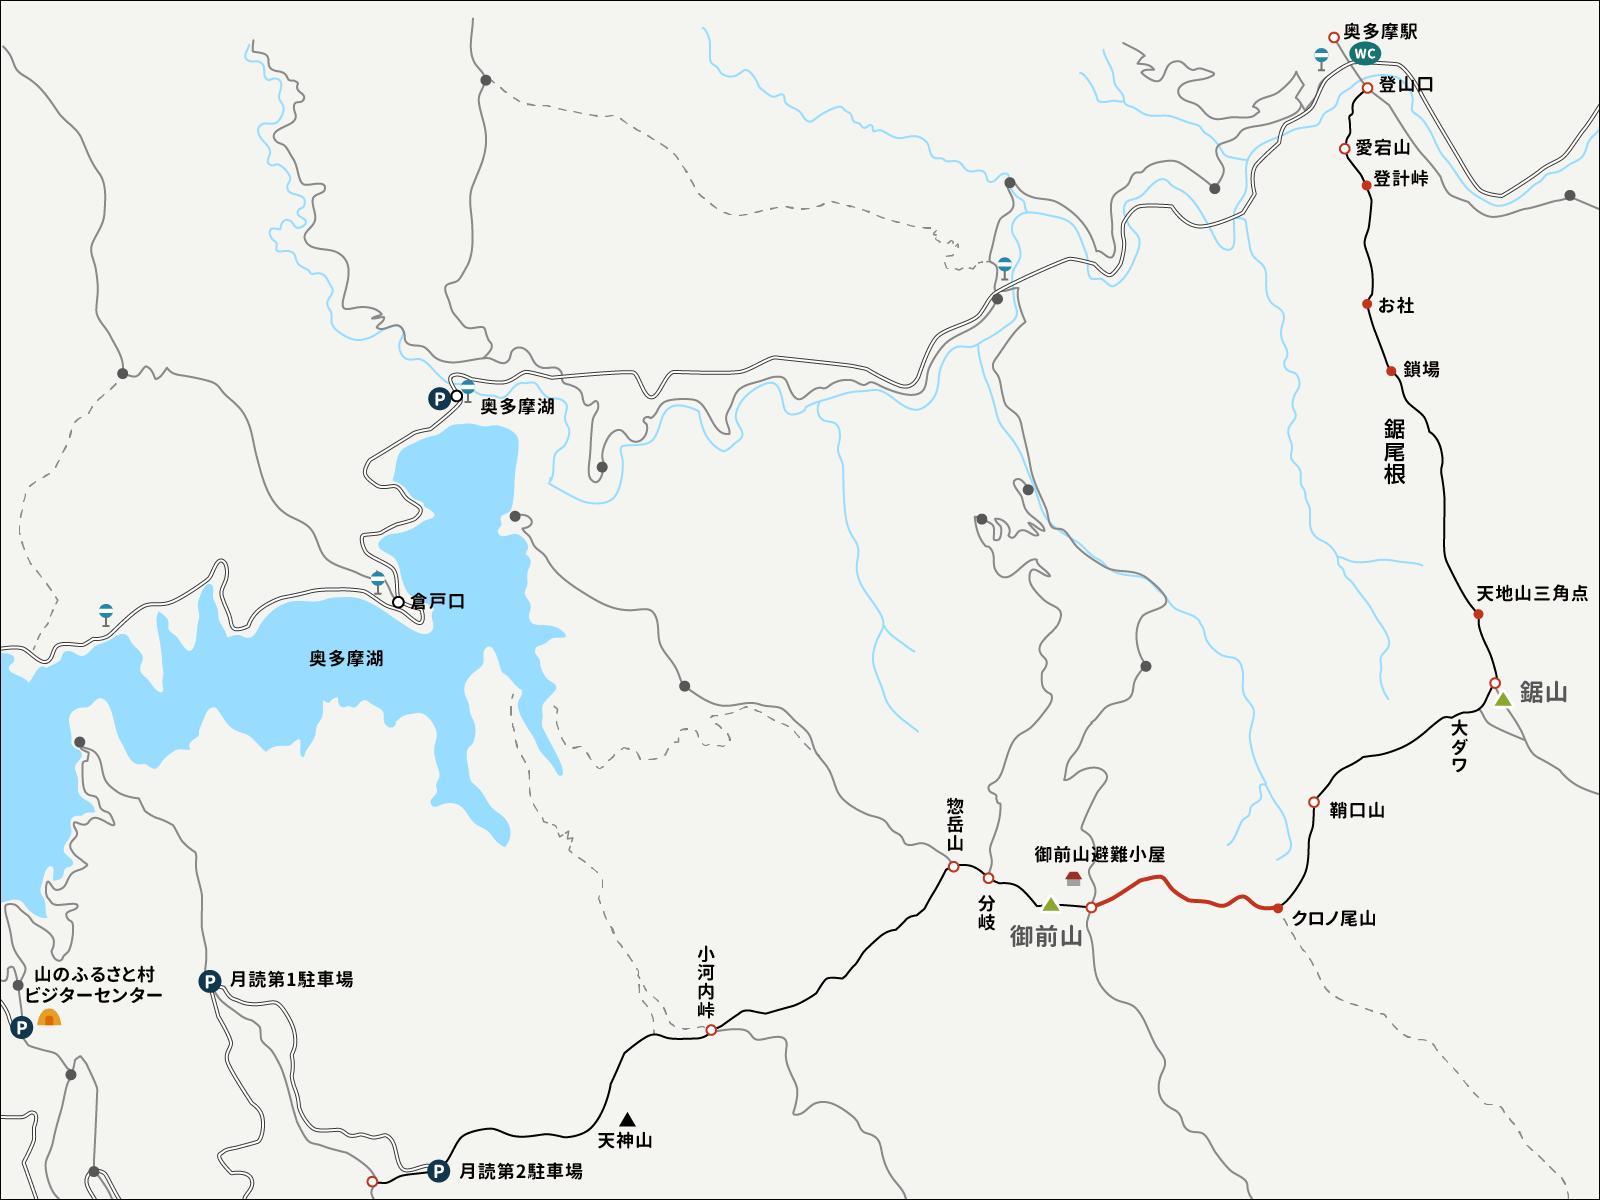 クロノ尾山から御前山避難小屋までのイラストマップ